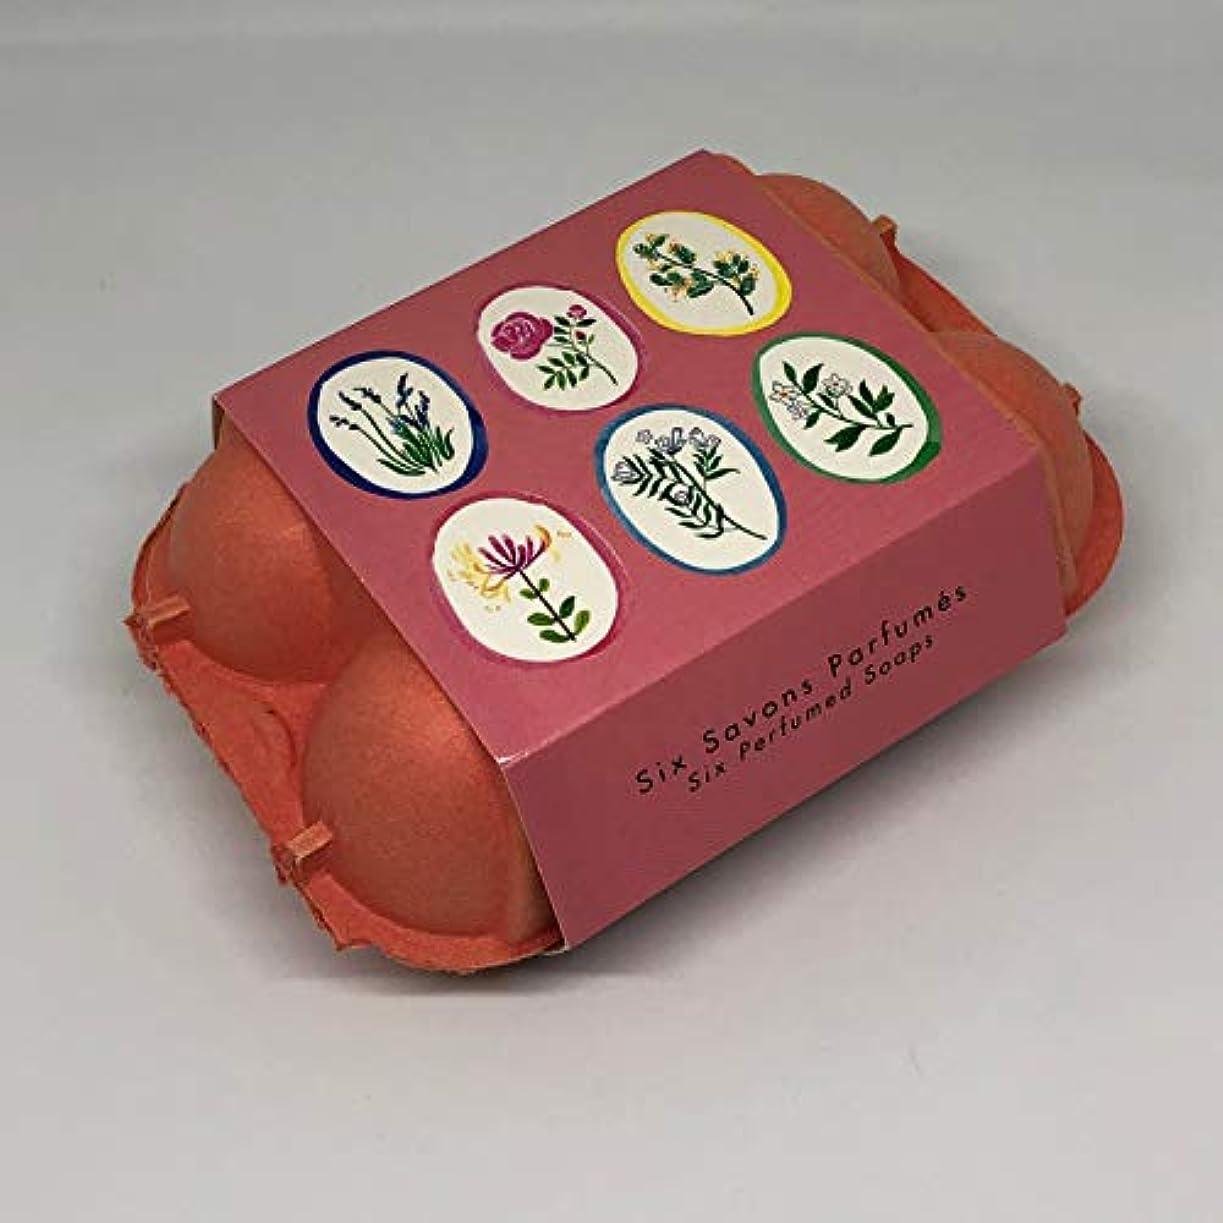 買う有効化秘密のフラゴナール Fragonard 卵型ソープセット 50g×6個 フランス直輸入 PINK